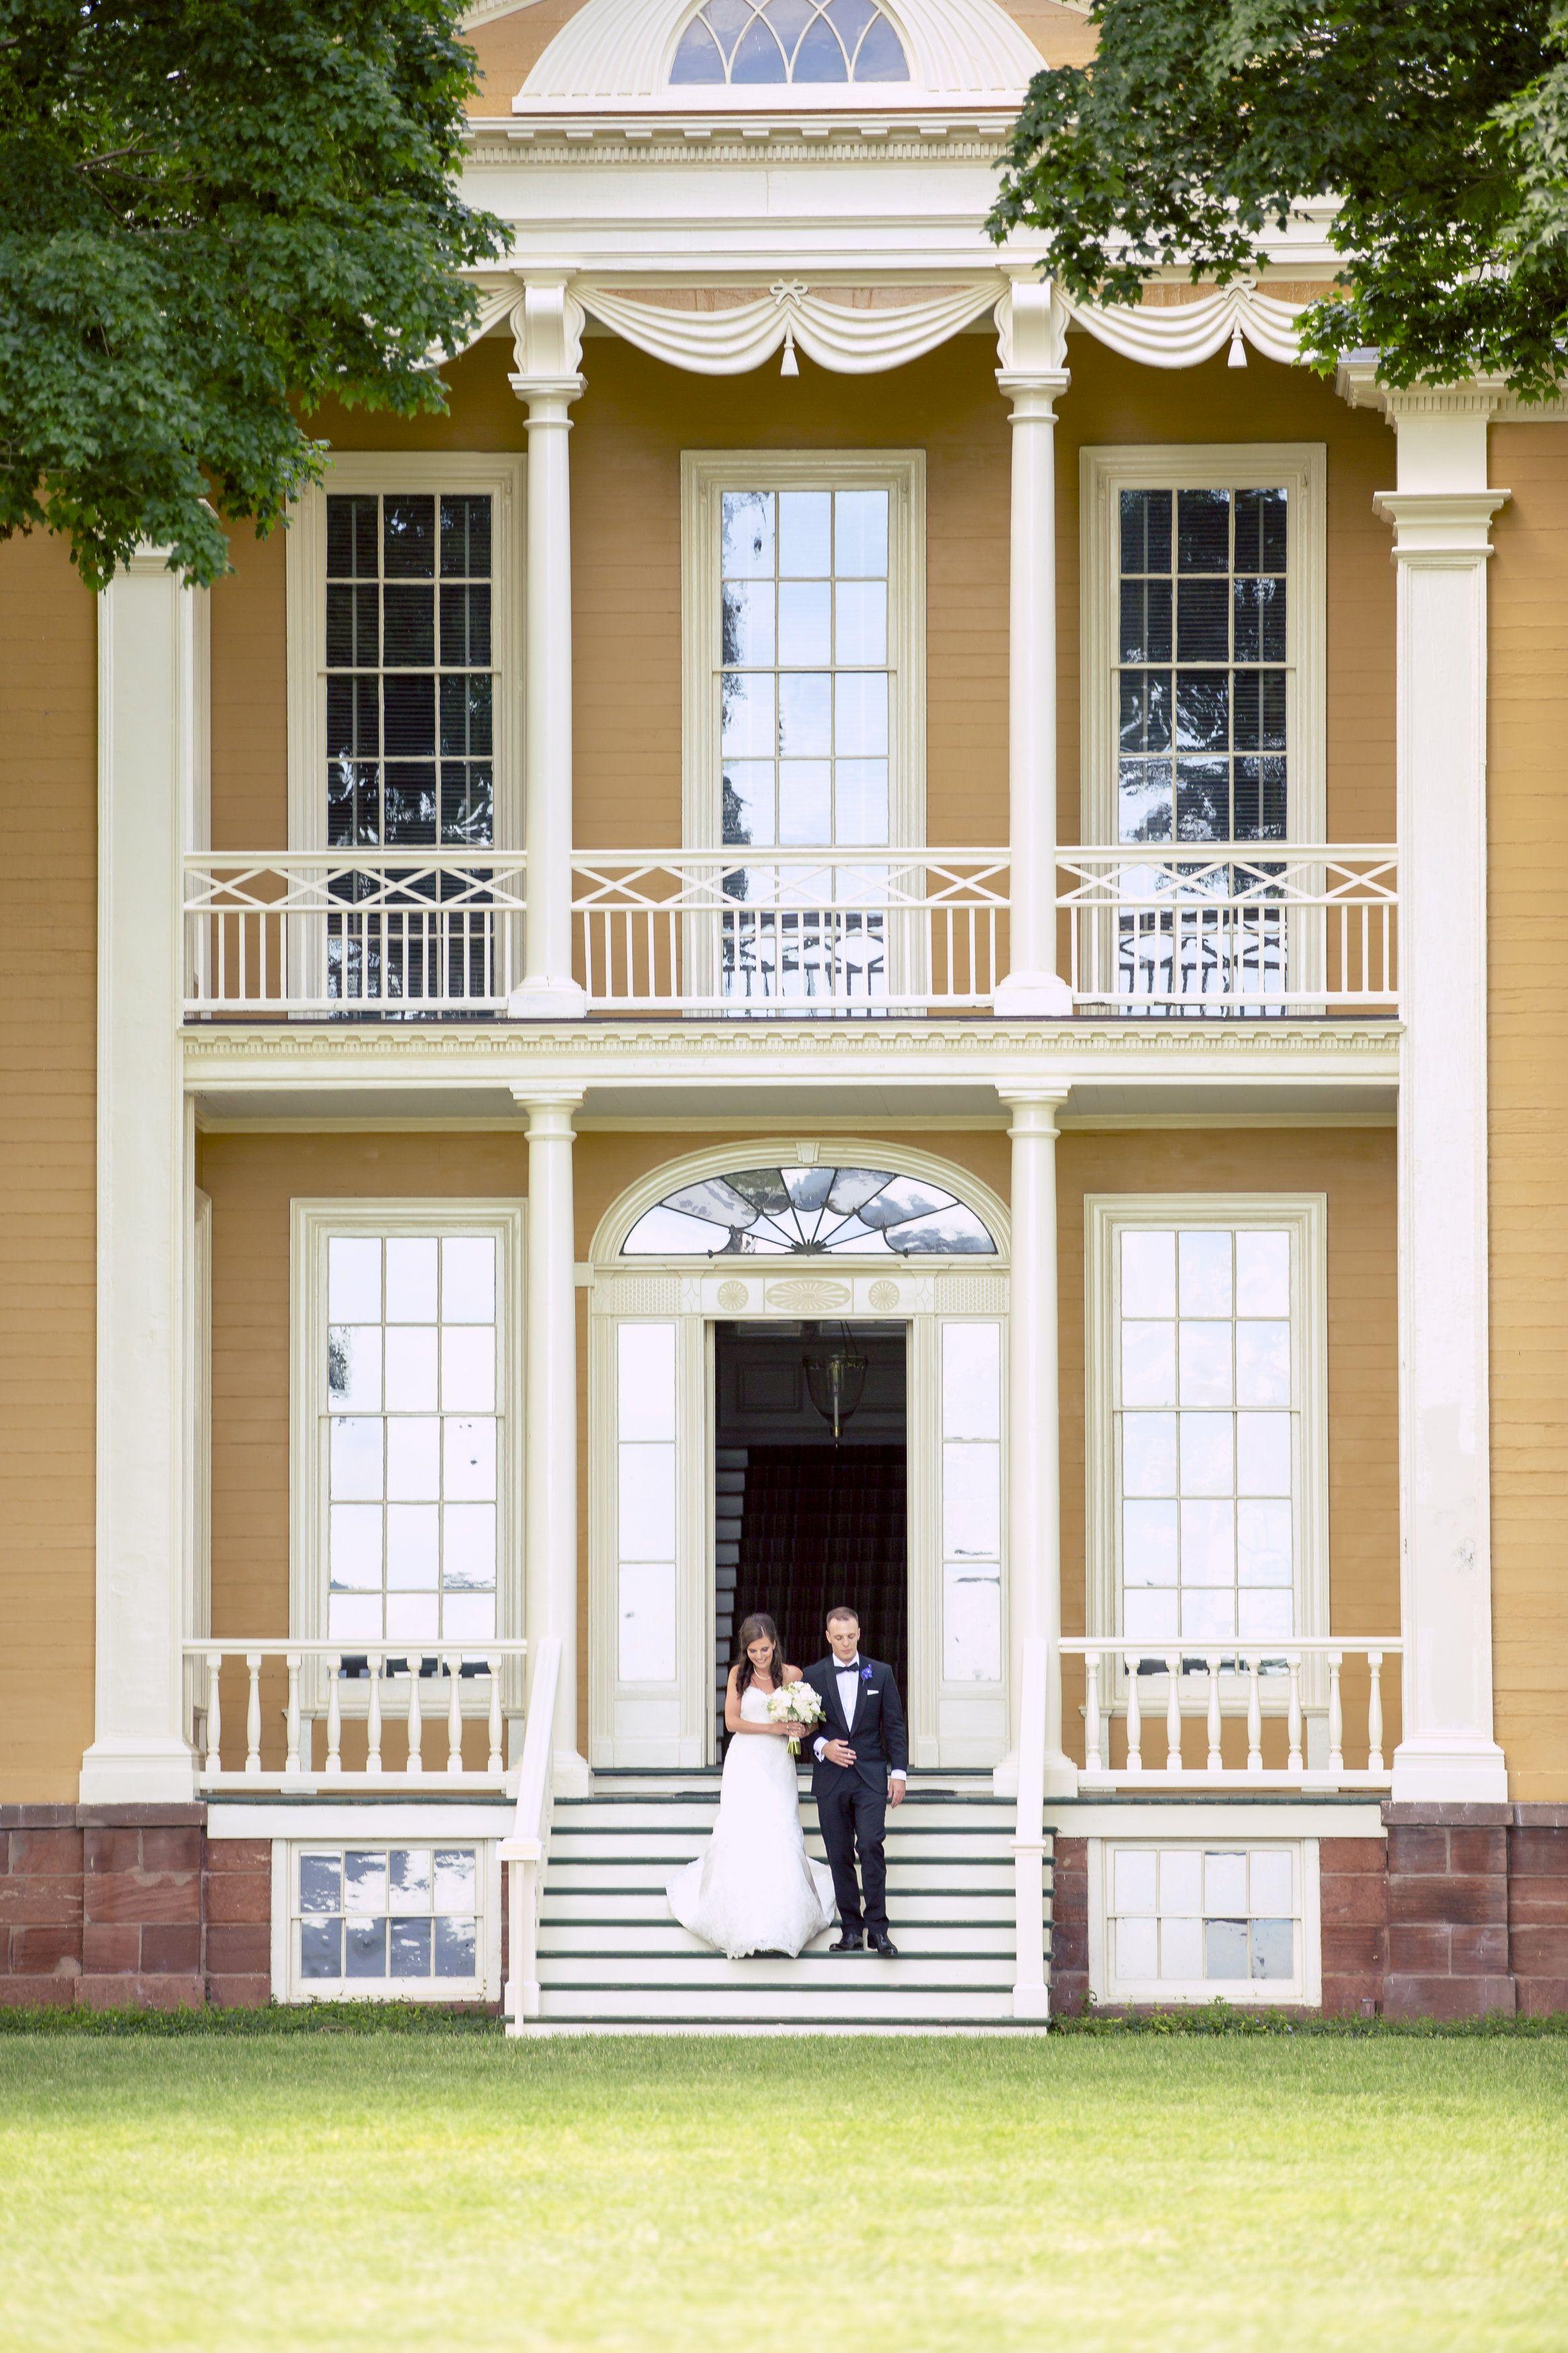 Boscobel House and Gardens Boscobel, Ny wedding venues